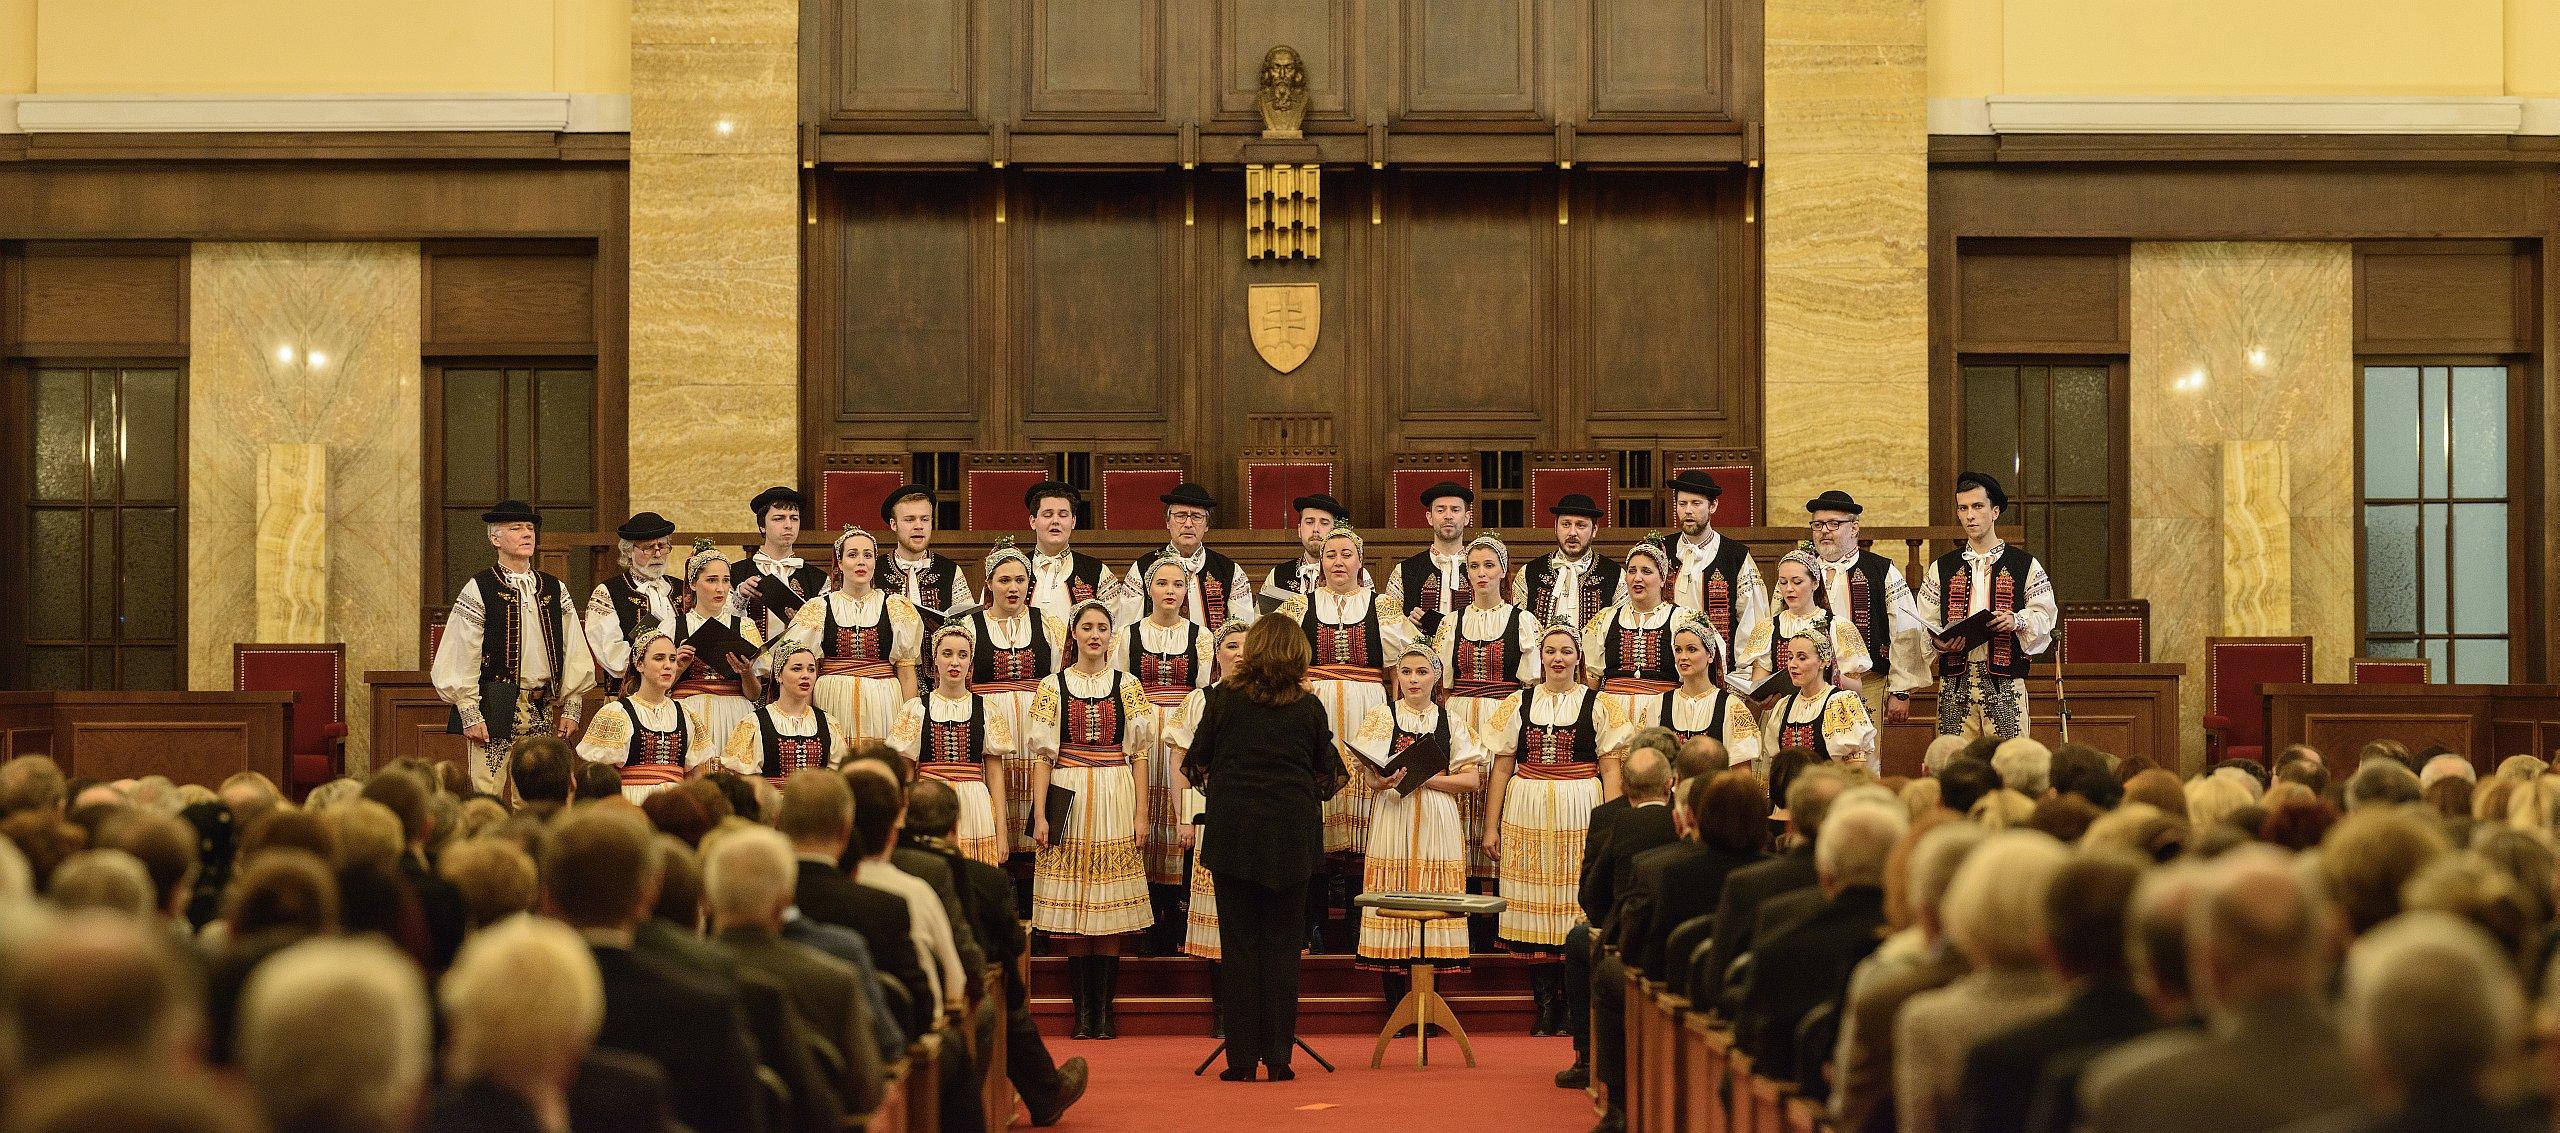 Vianočný koncert - Aula UK 20.12.2017, photo (c) Vlado Kuric